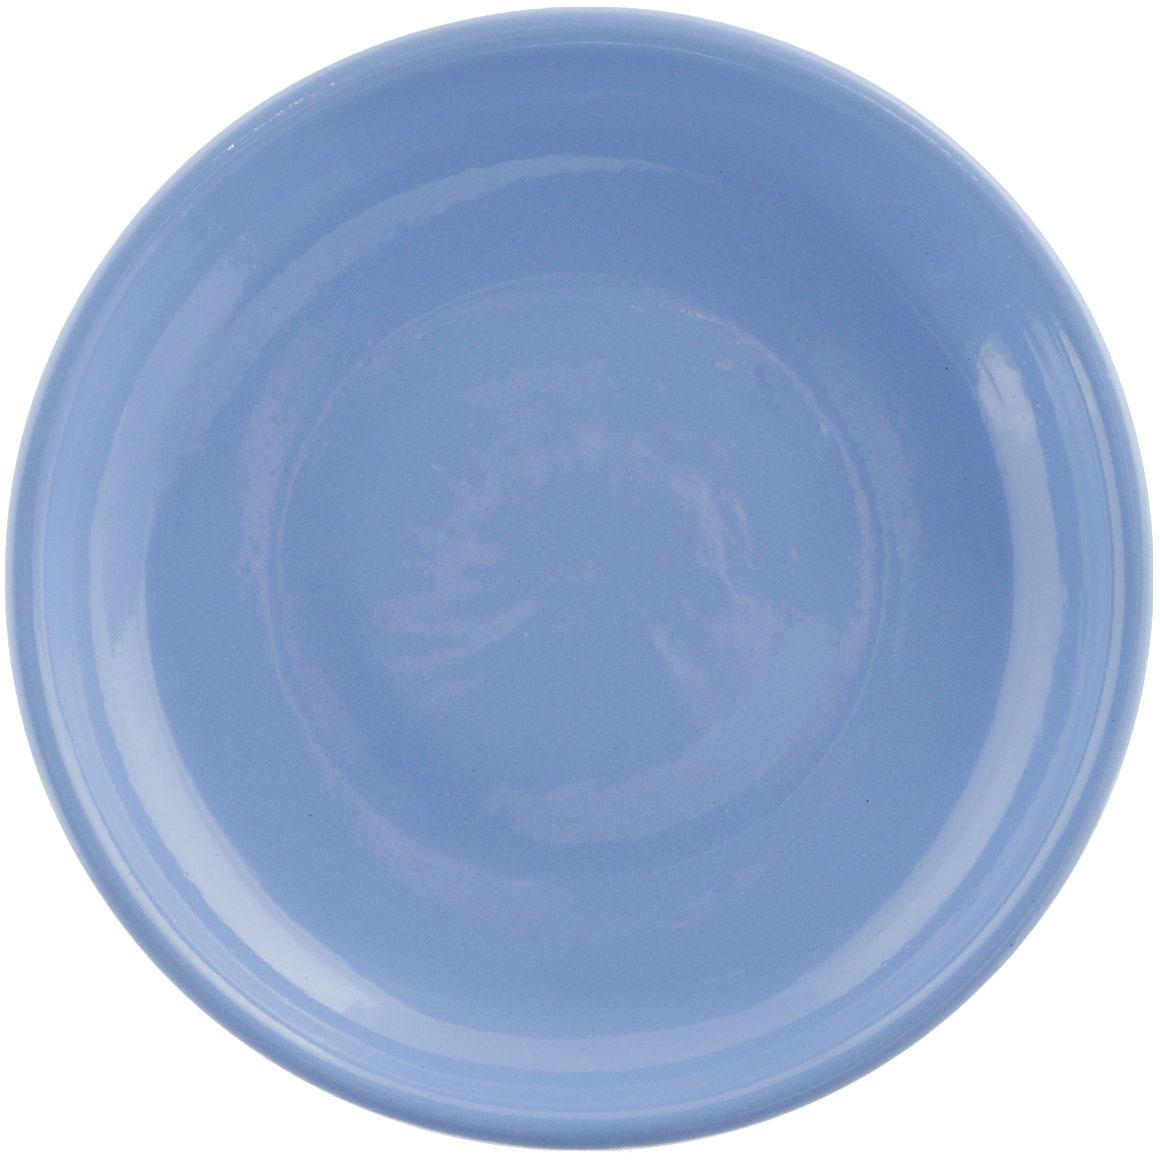 Тарелка Борисовская керамика Радуга, РАД14458120, голубой, диаметр 23 см